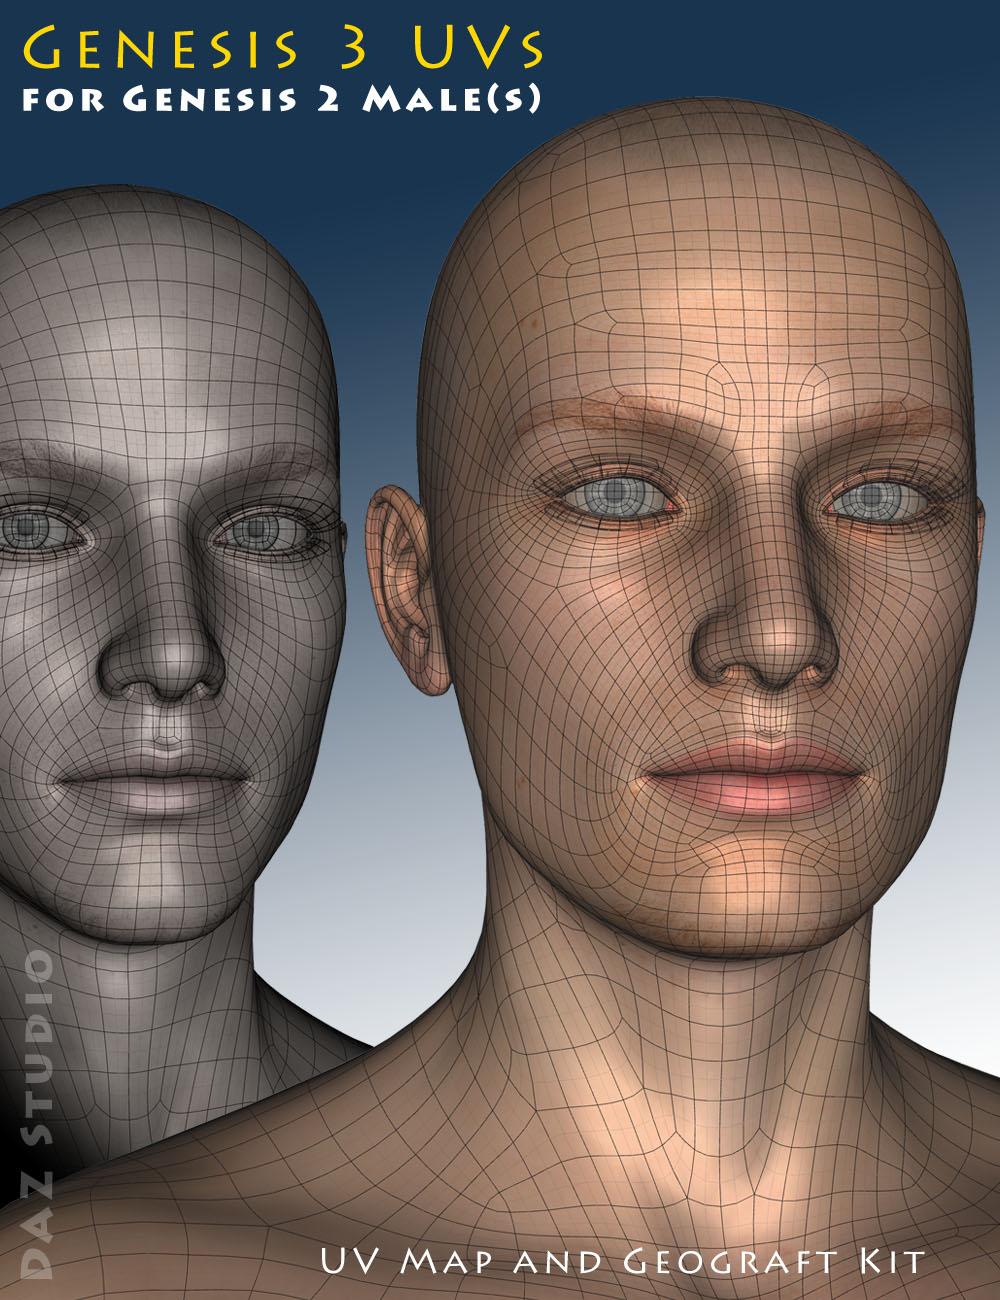 Genesis 3 UVs for Genesis 2 Male(s) by: Cayman Studios, 3D Models by Daz 3D